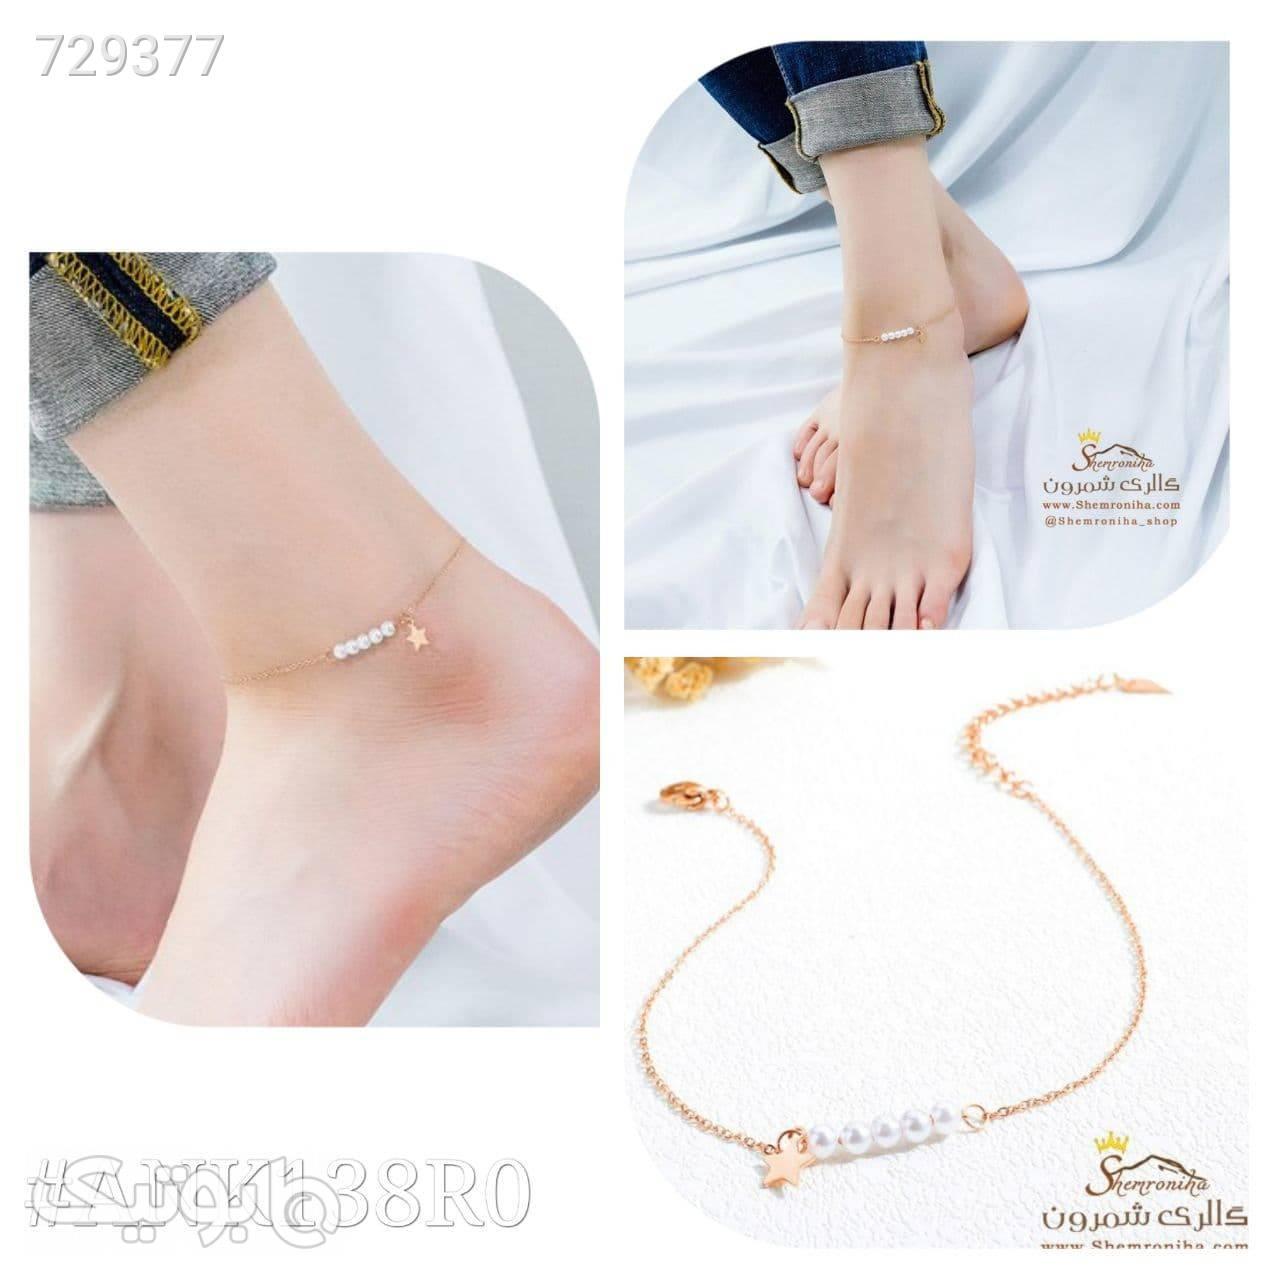 پابند ستاره و مروارید ANK138R0 نارنجی دستبند و پابند